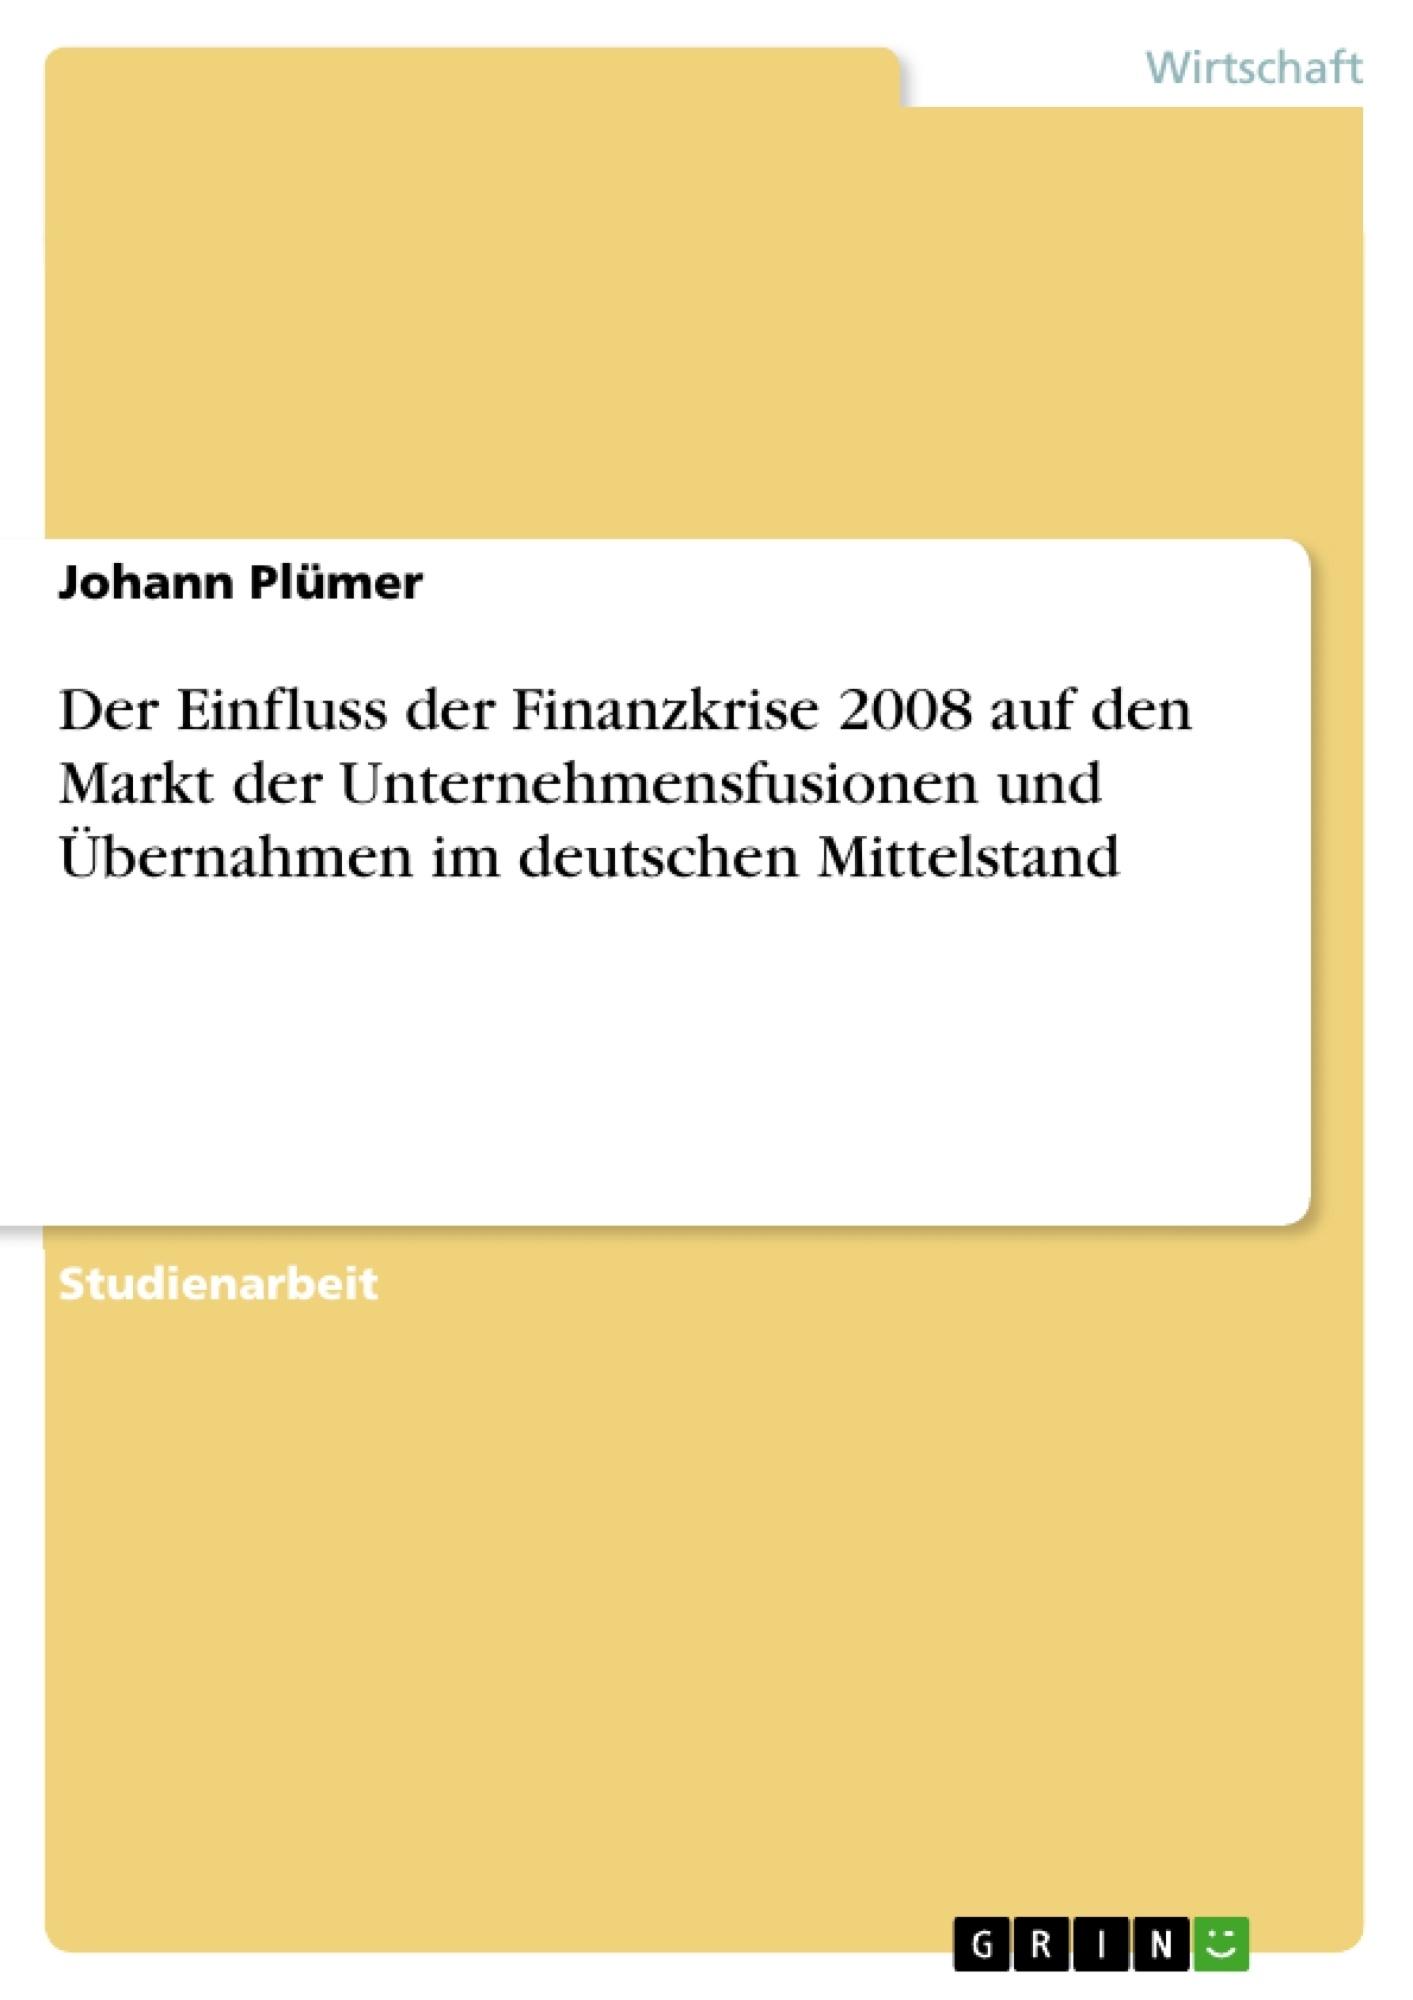 Titel: Der Einfluss der Finanzkrise 2008 auf den Markt der Unternehmensfusionen und Übernahmen im deutschen Mittelstand